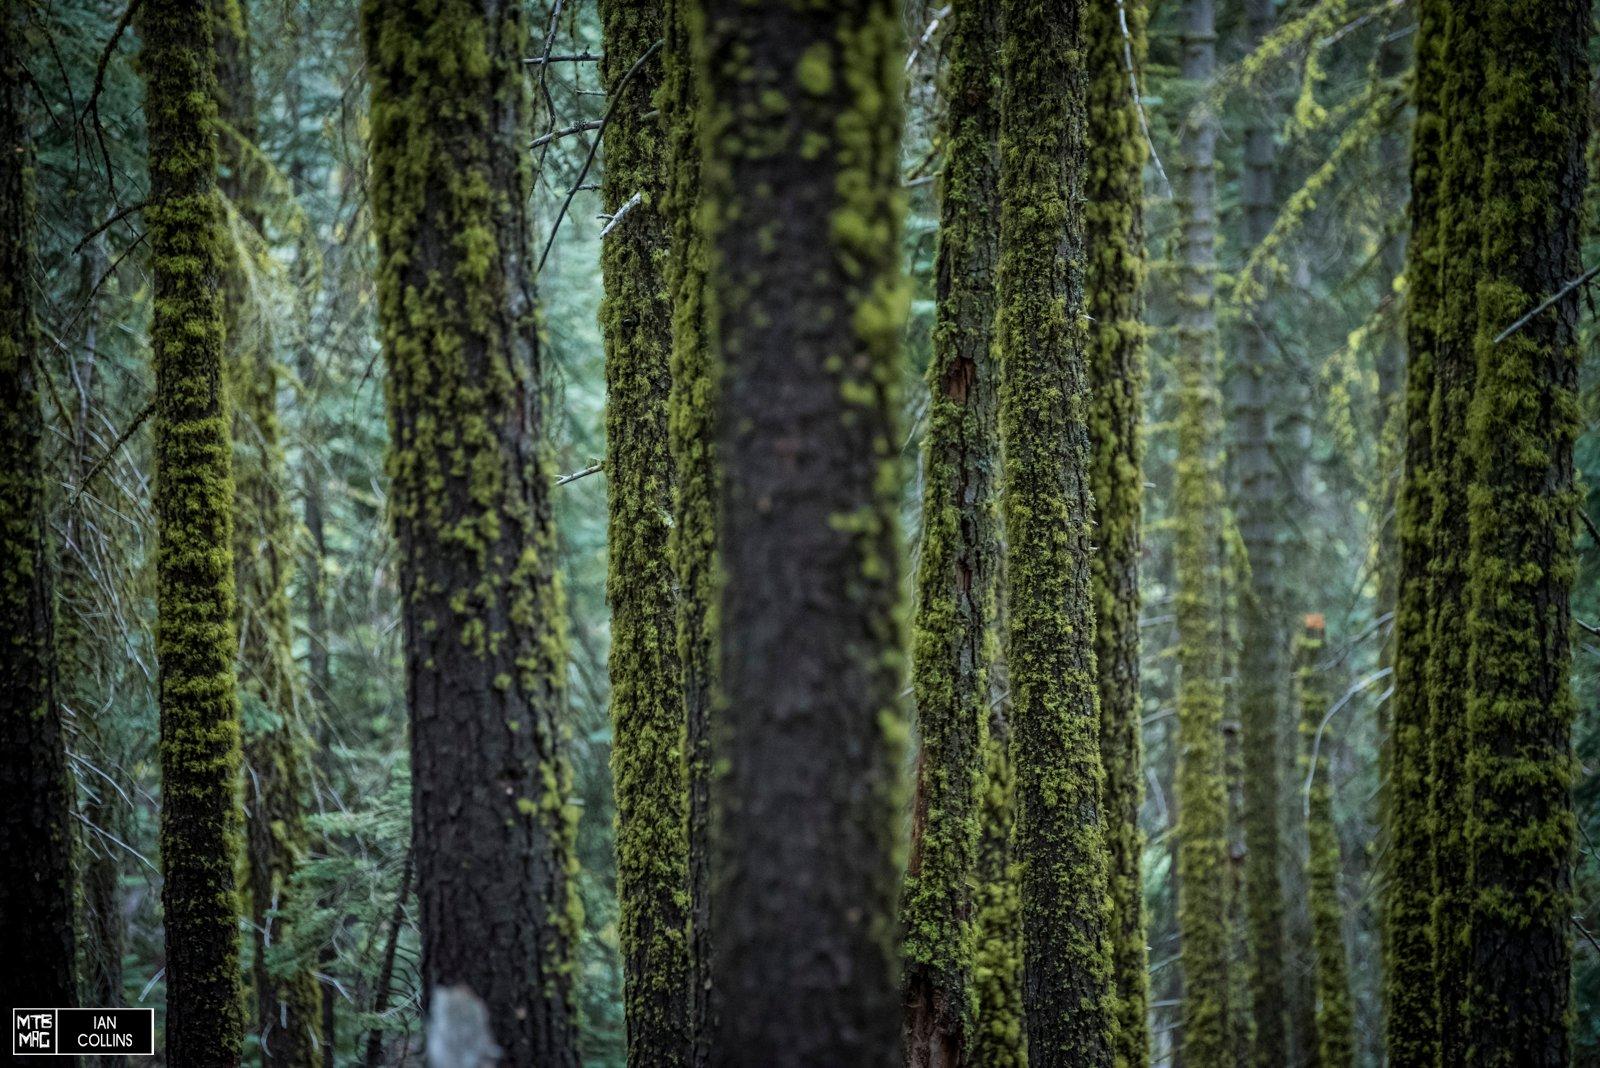 E' una regione estremamente varia: prima si schivano le rocce e un attimo dopo ci si trova tra alberi coperti di muschio. Sublime.